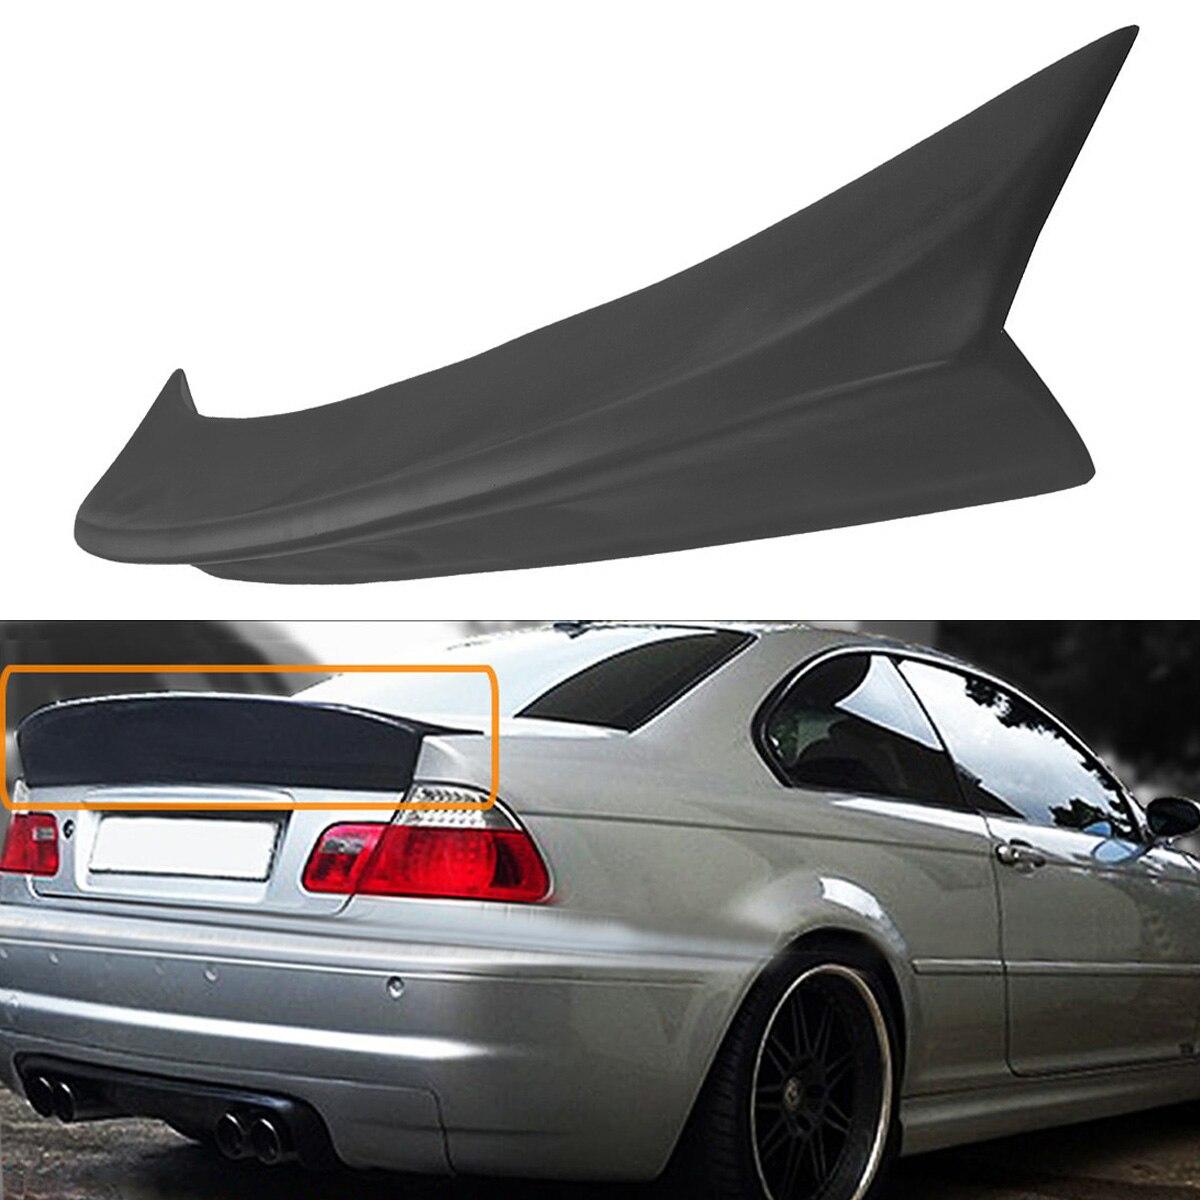 Arrière Polyuréthane Tronc Bec de Canard HighKick Spoiler Aile Couvercle Spoiler pour BMW E46 2DR Modèle M3 CSL Style 2001-2006 noir